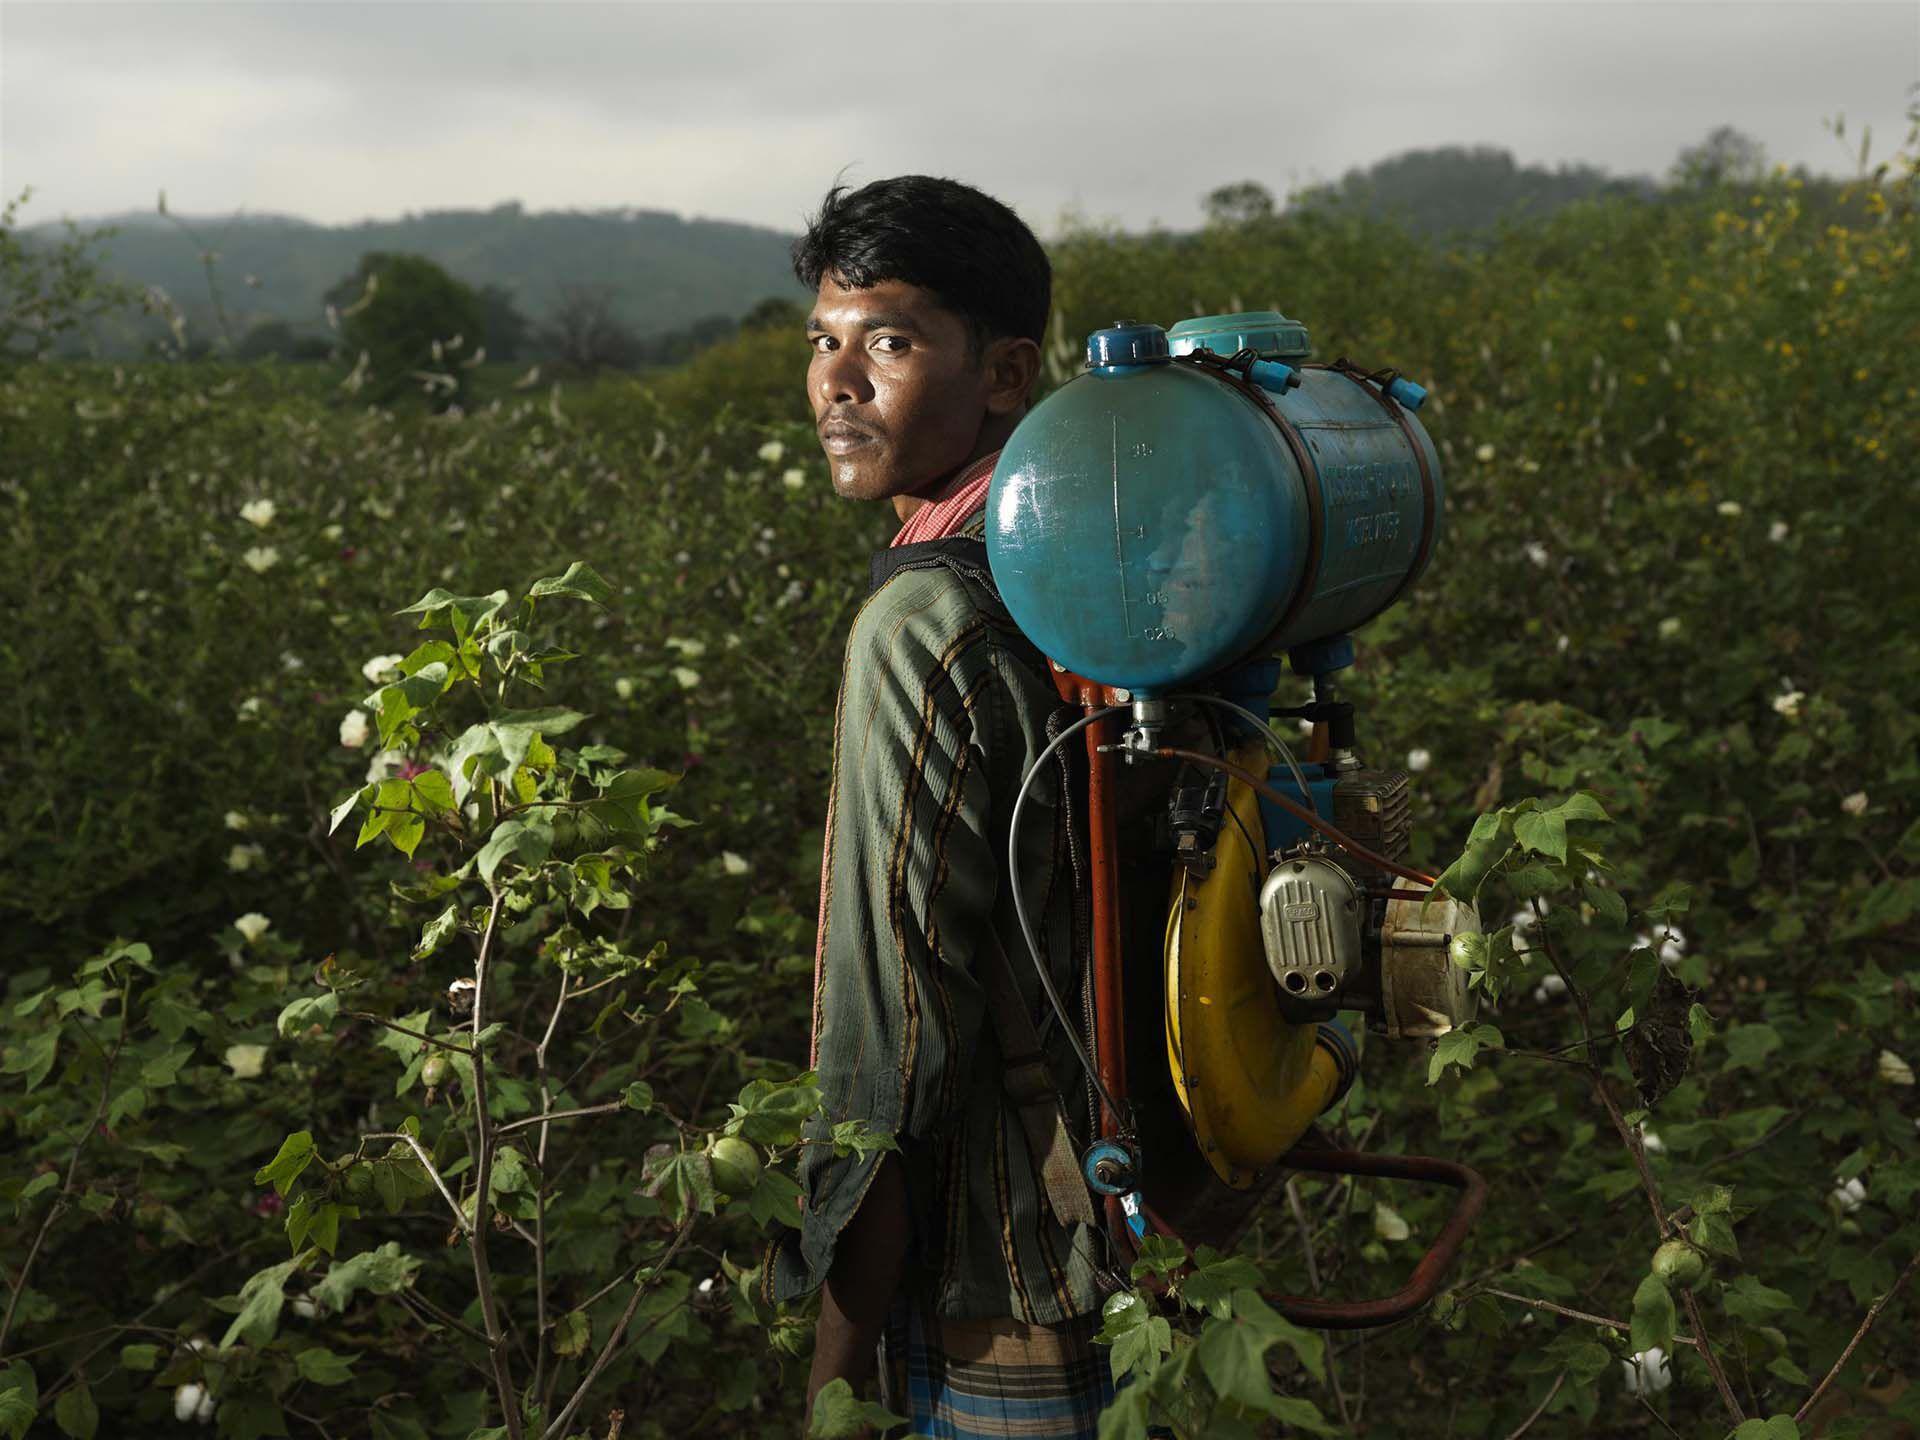 pesticidas prohibidos en Europa